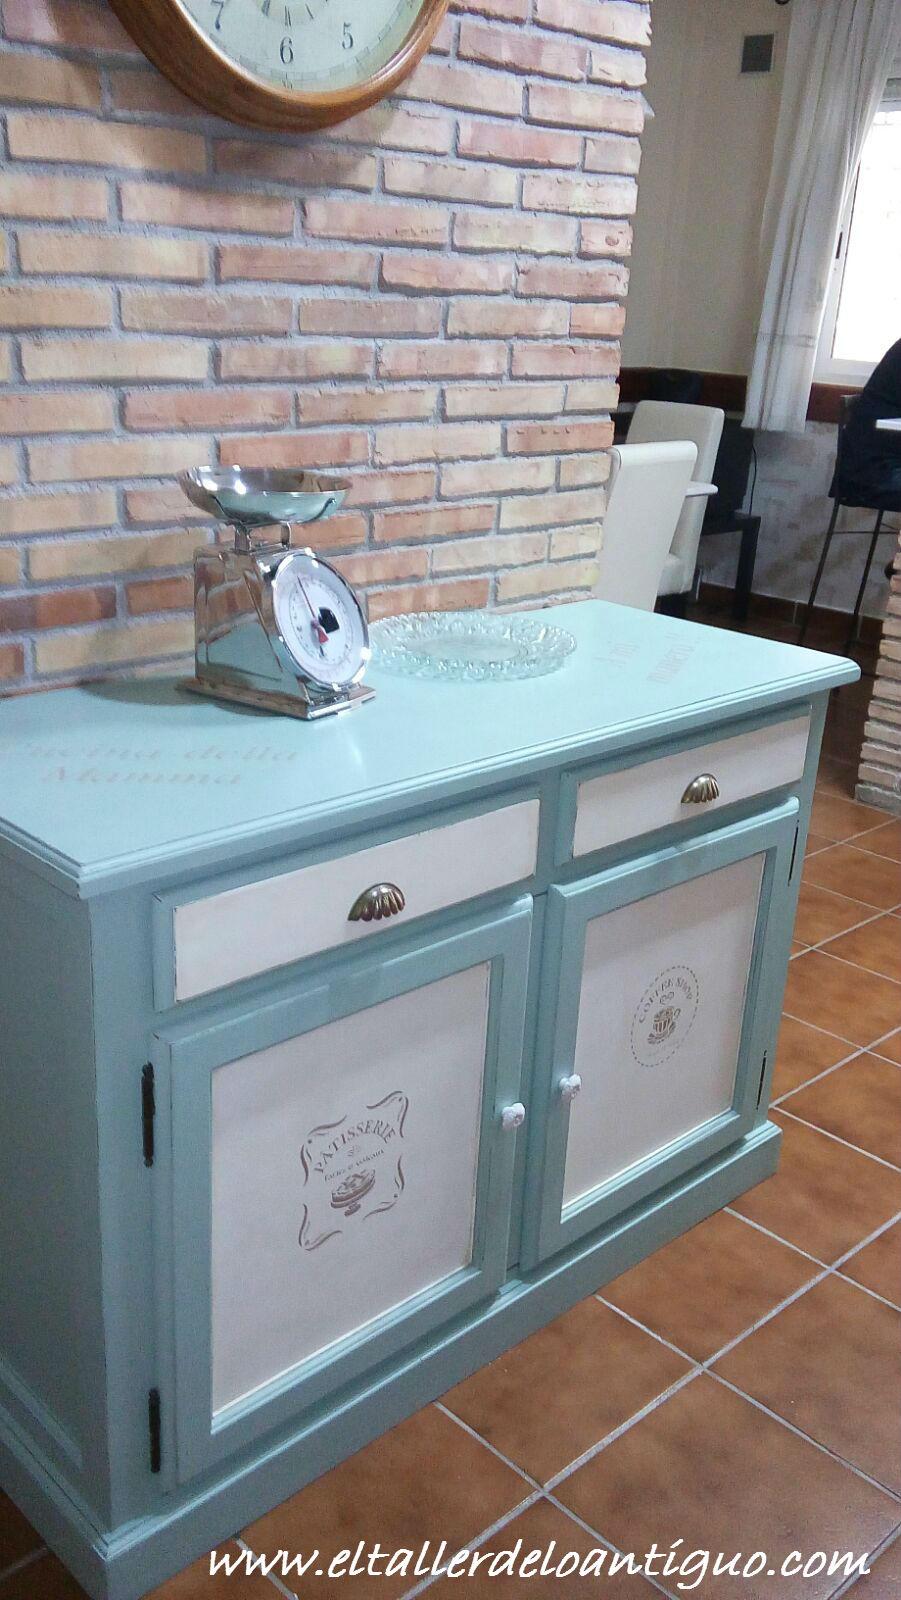 Pintar mueble de cocina el taller de lo antiguo - Pintar muebles de cocina ...